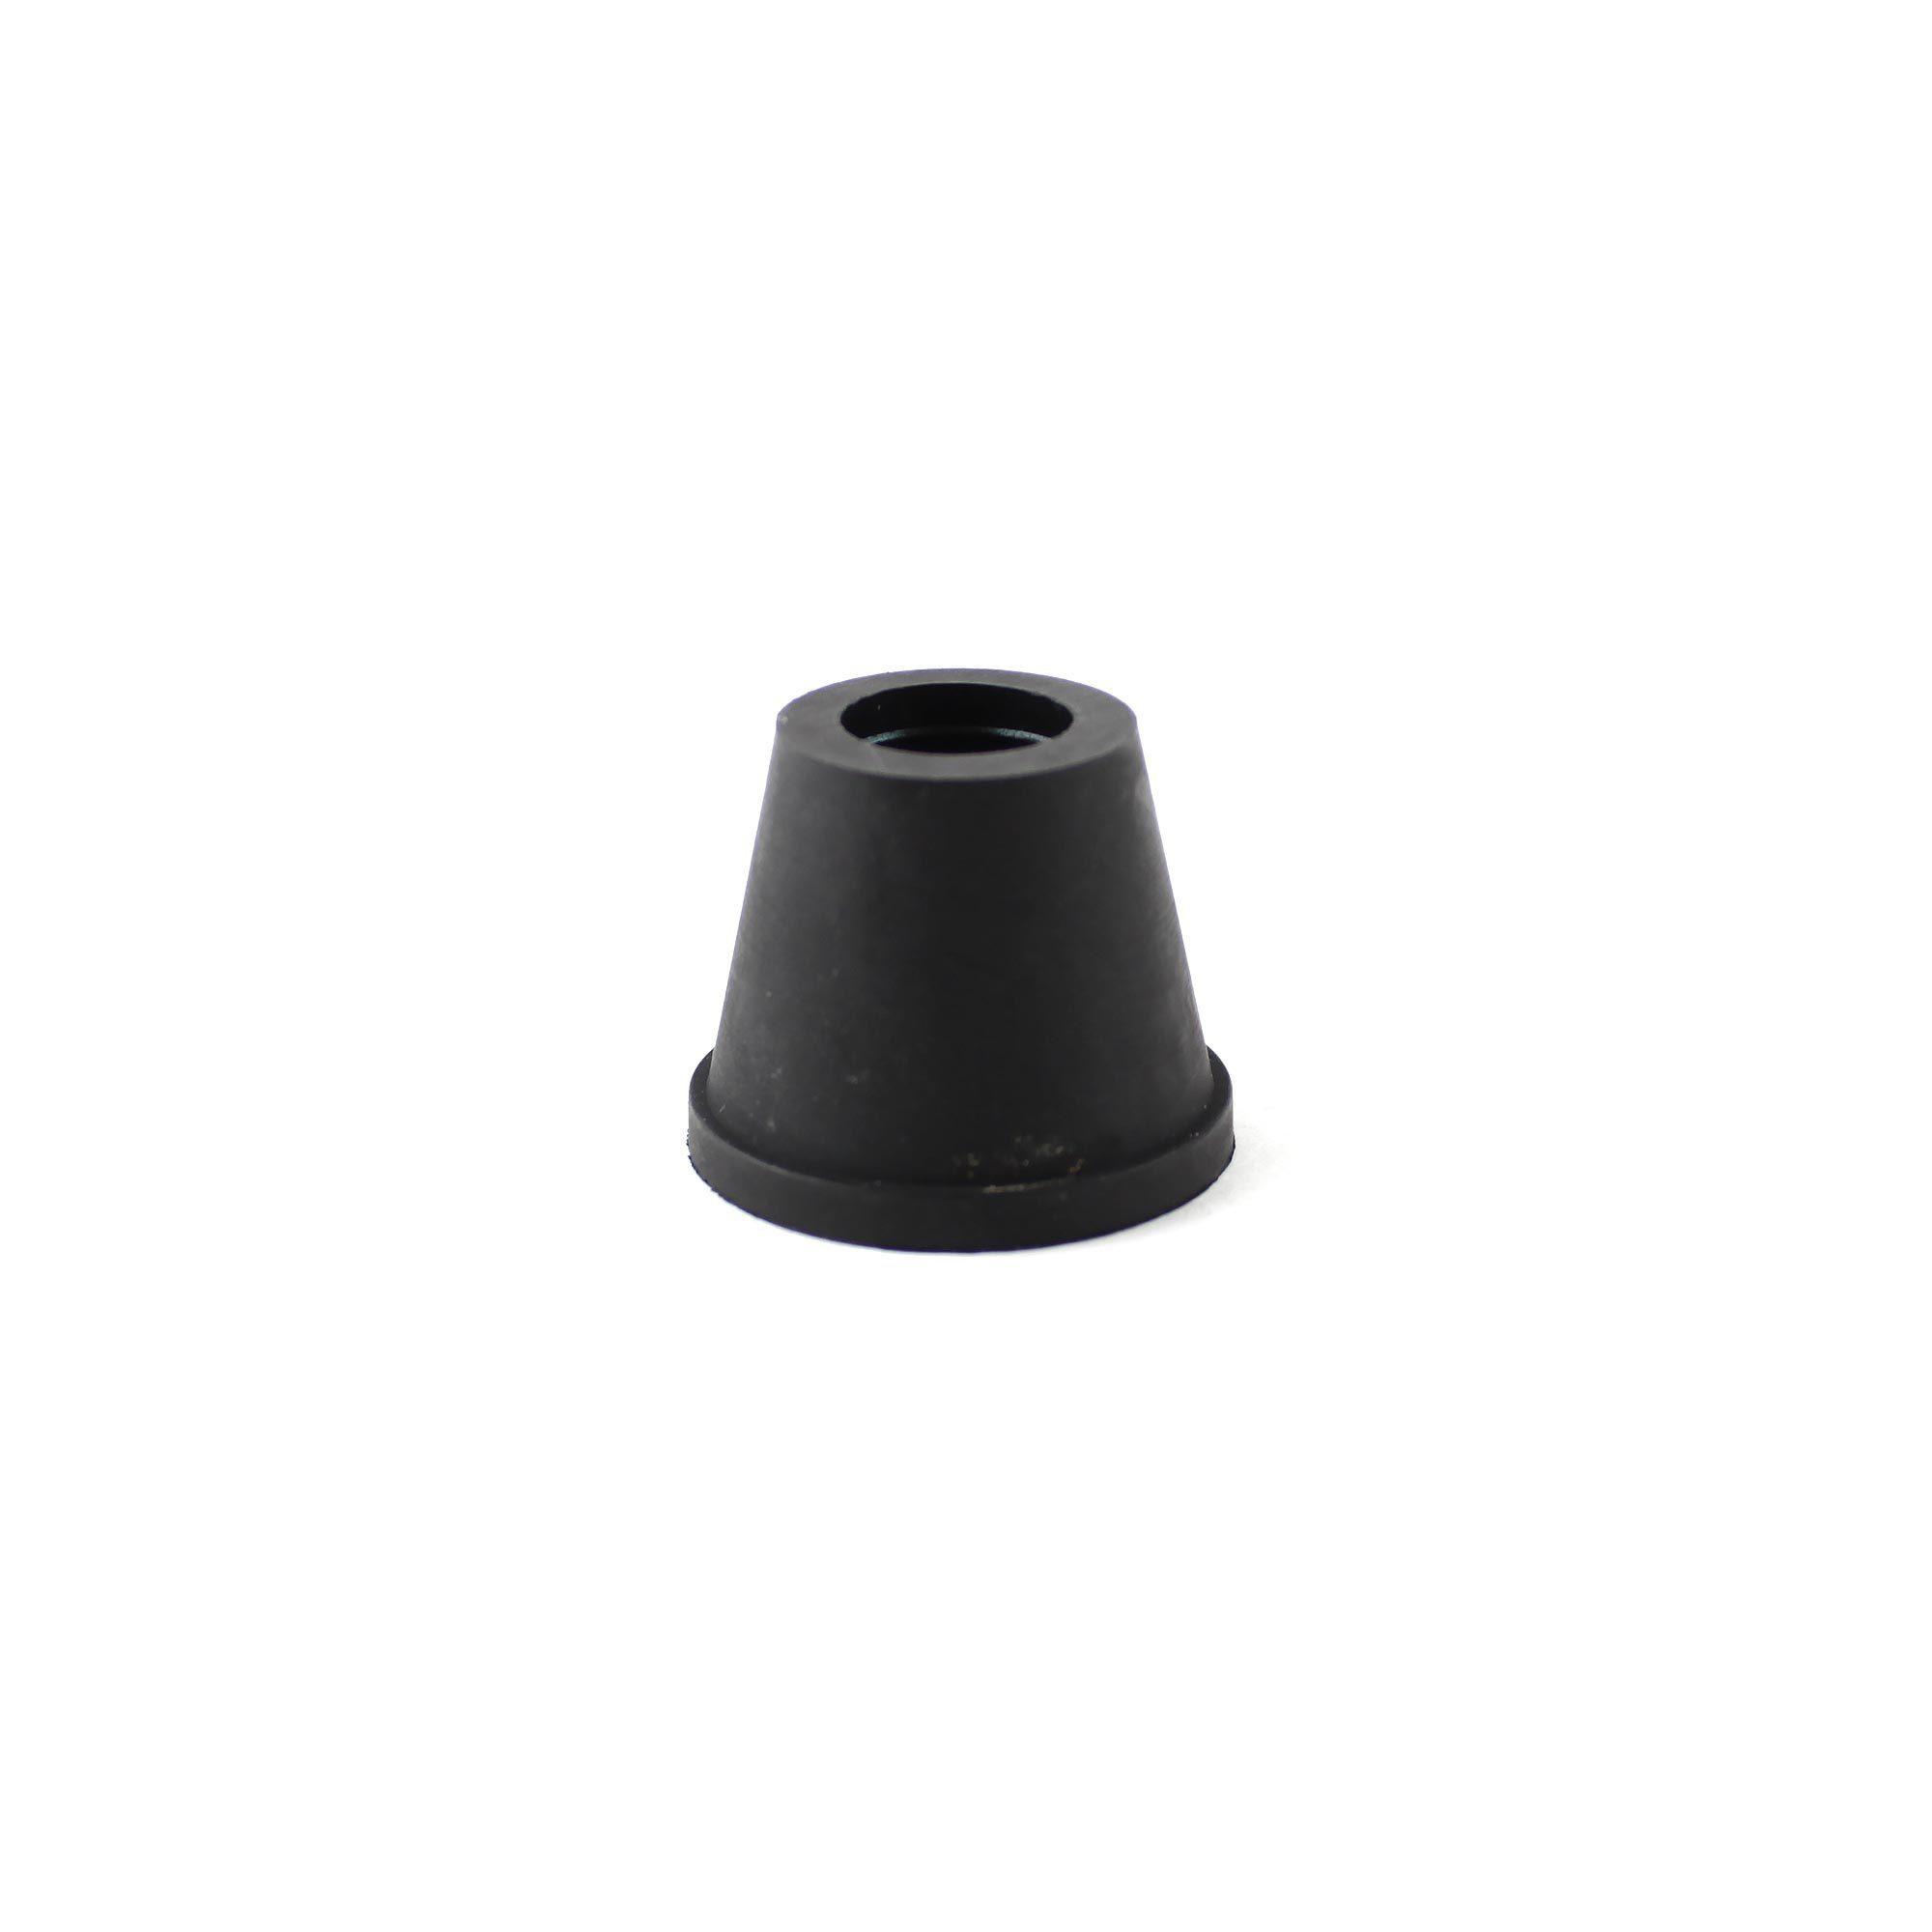 Уплотнитель под чашку CWP черный (толстый)